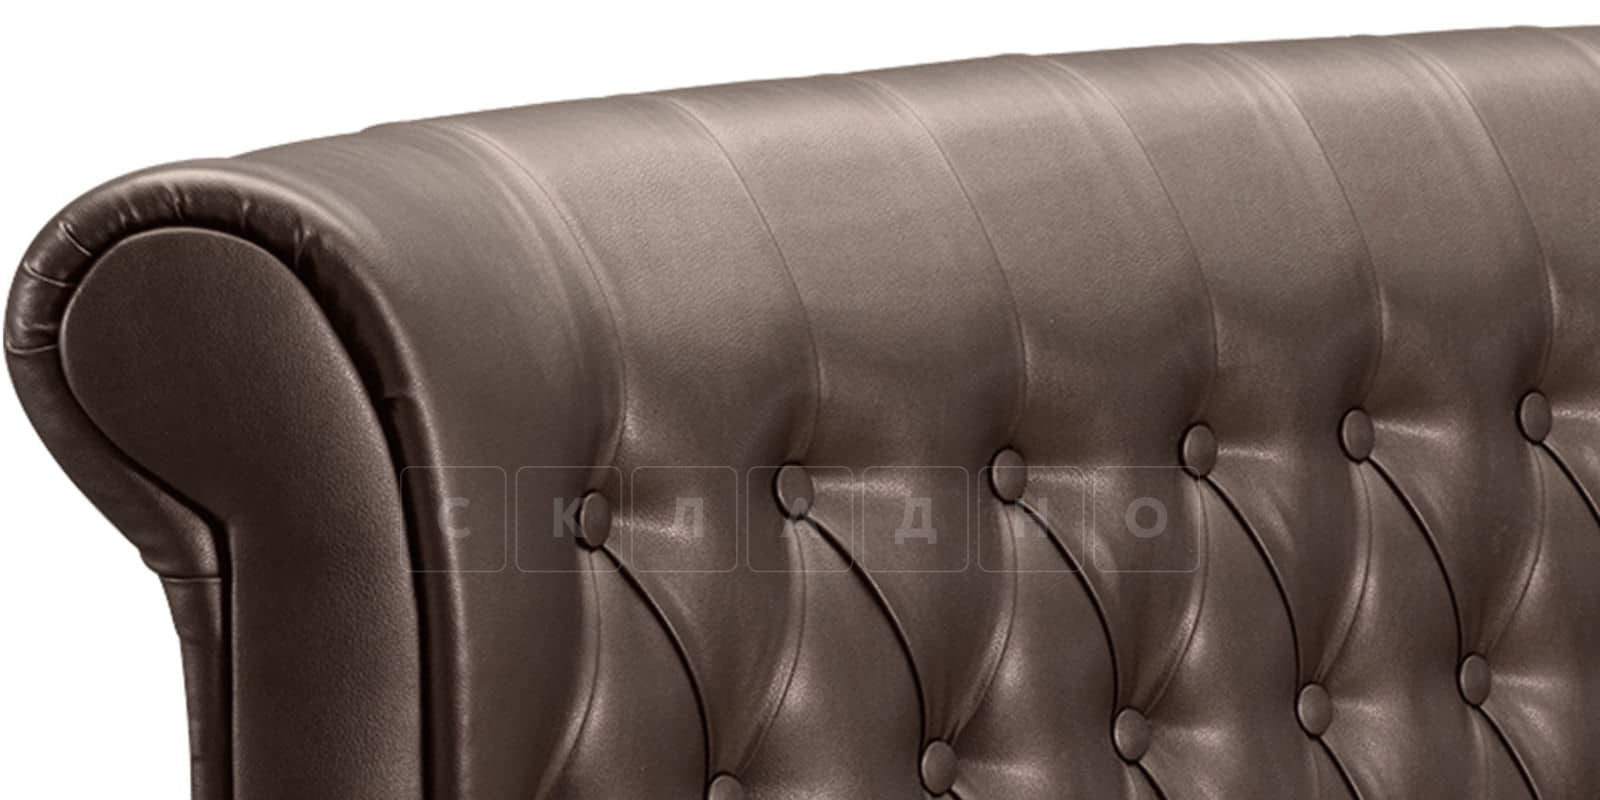 Мягкая кровать Вирджиния 160см экокожа шоколадного цвета фото 5   интернет-магазин Складно